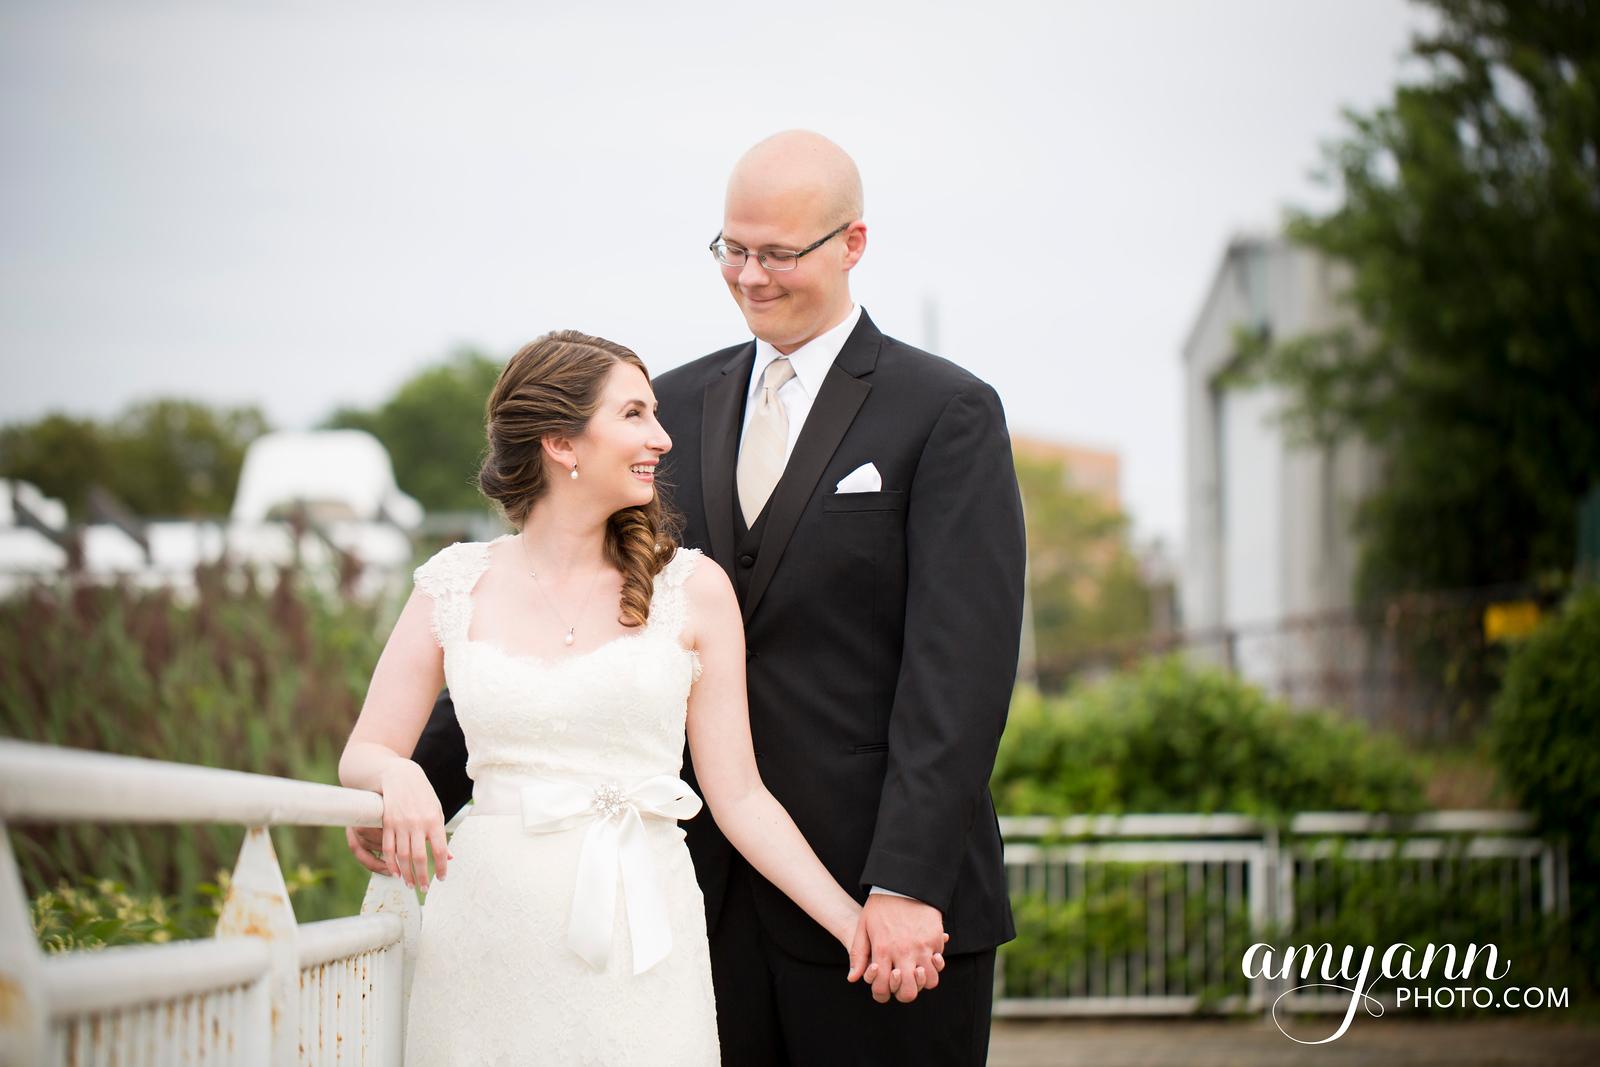 liznick_wedding16